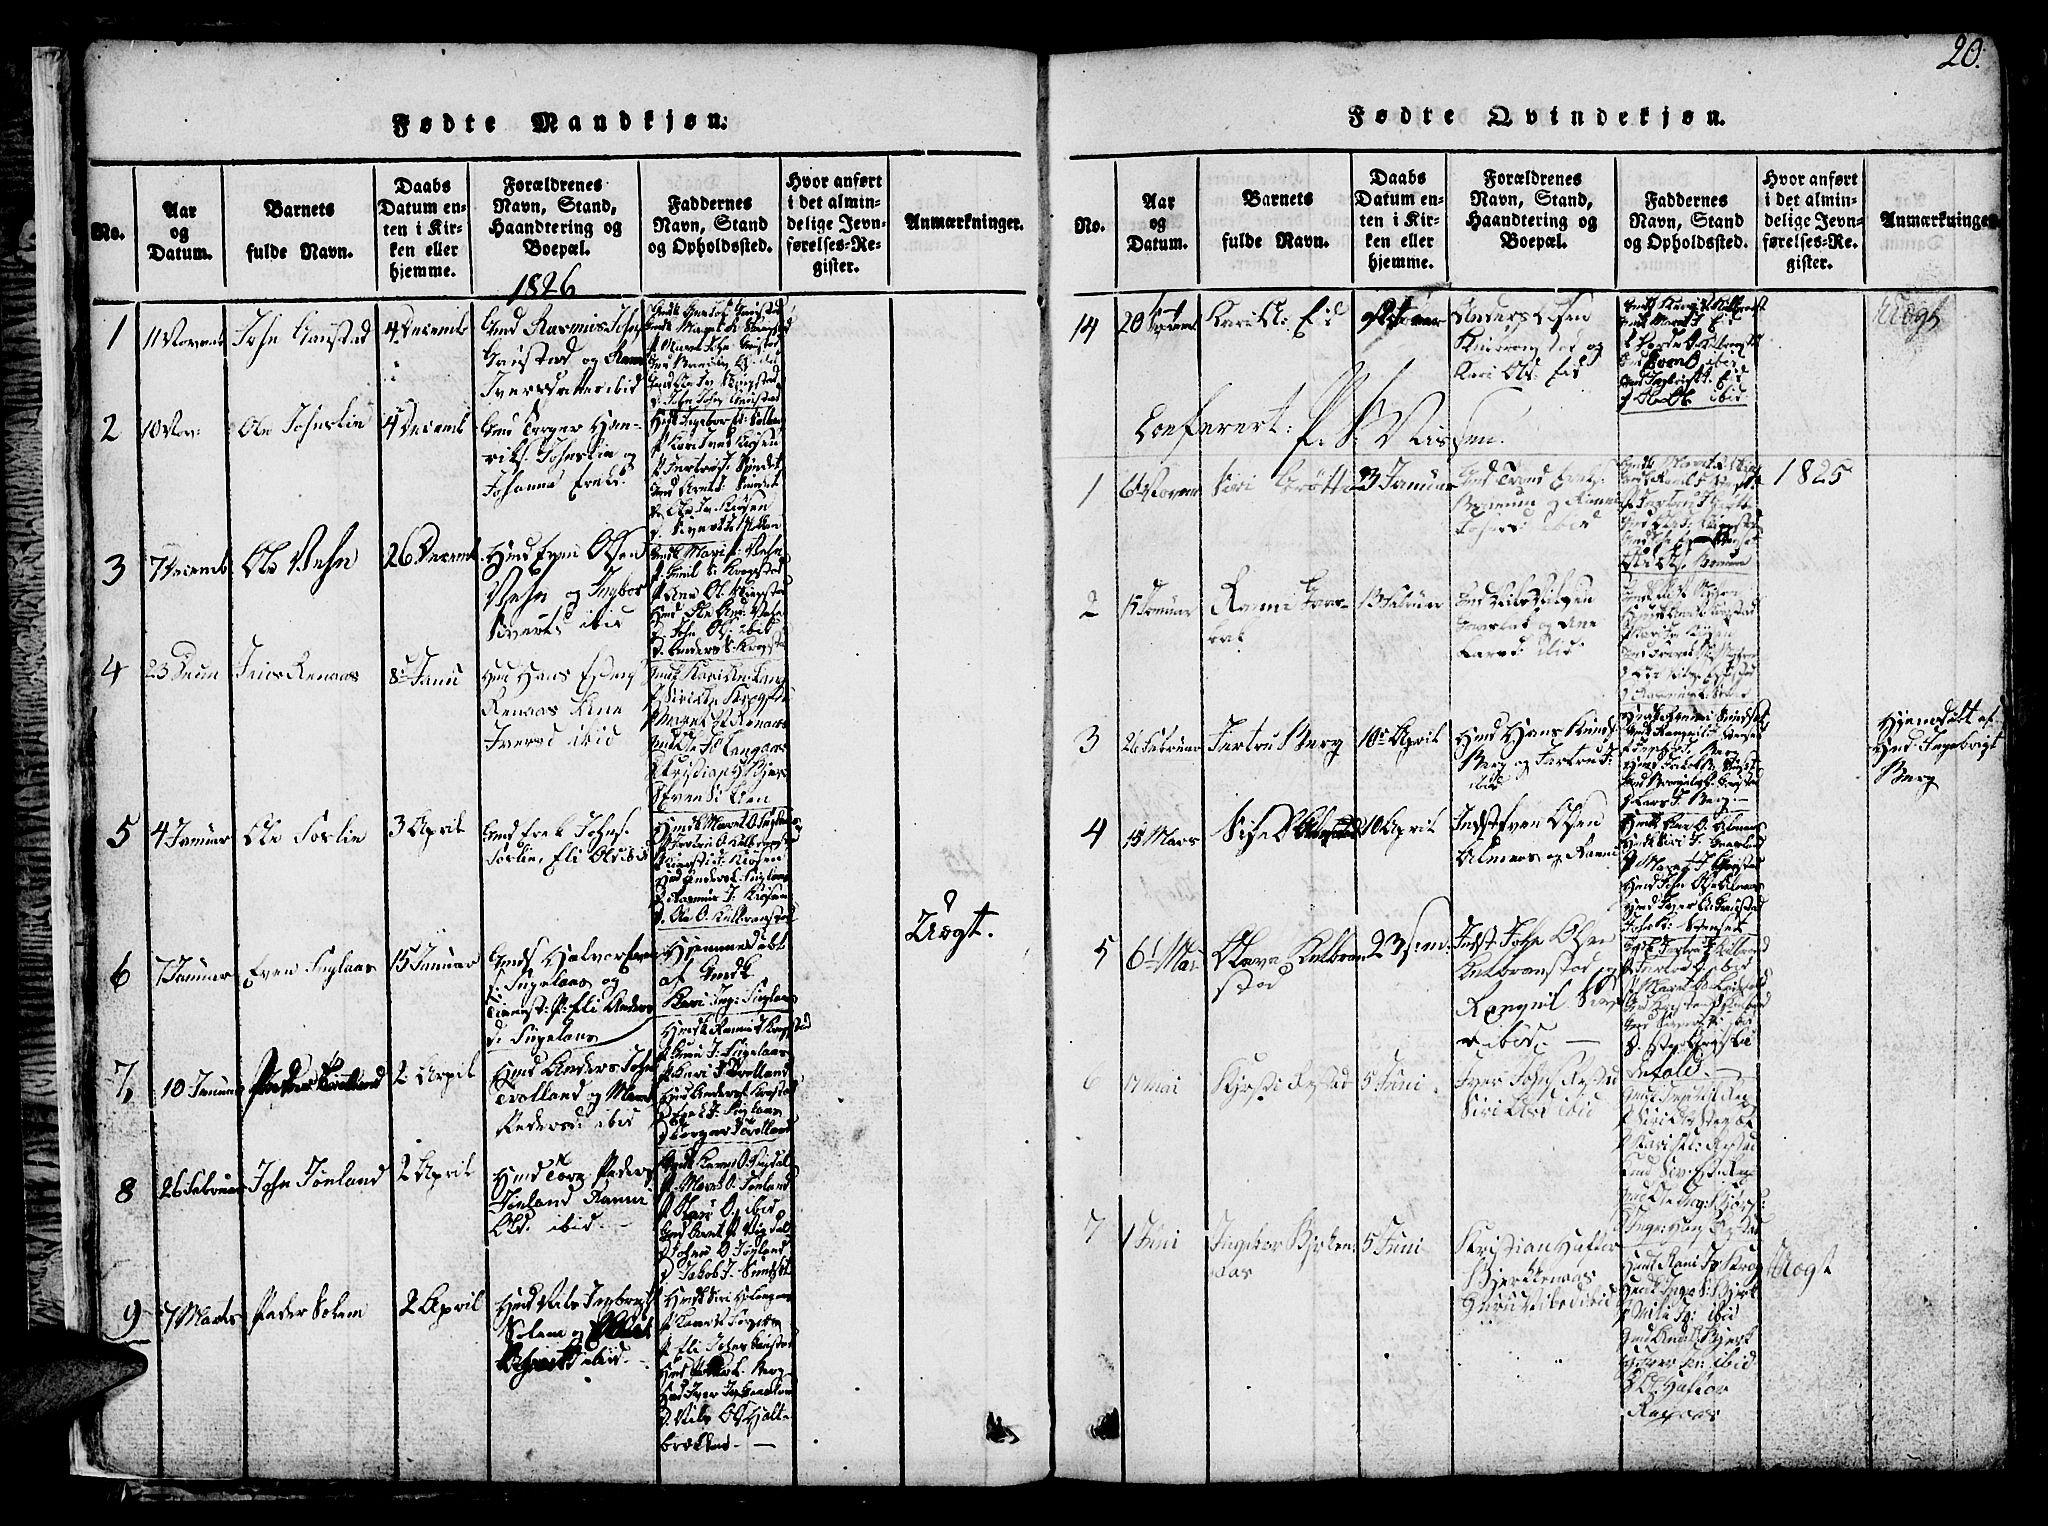 SAT, Ministerialprotokoller, klokkerbøker og fødselsregistre - Sør-Trøndelag, 694/L1130: Klokkerbok nr. 694C02, 1816-1857, s. 20